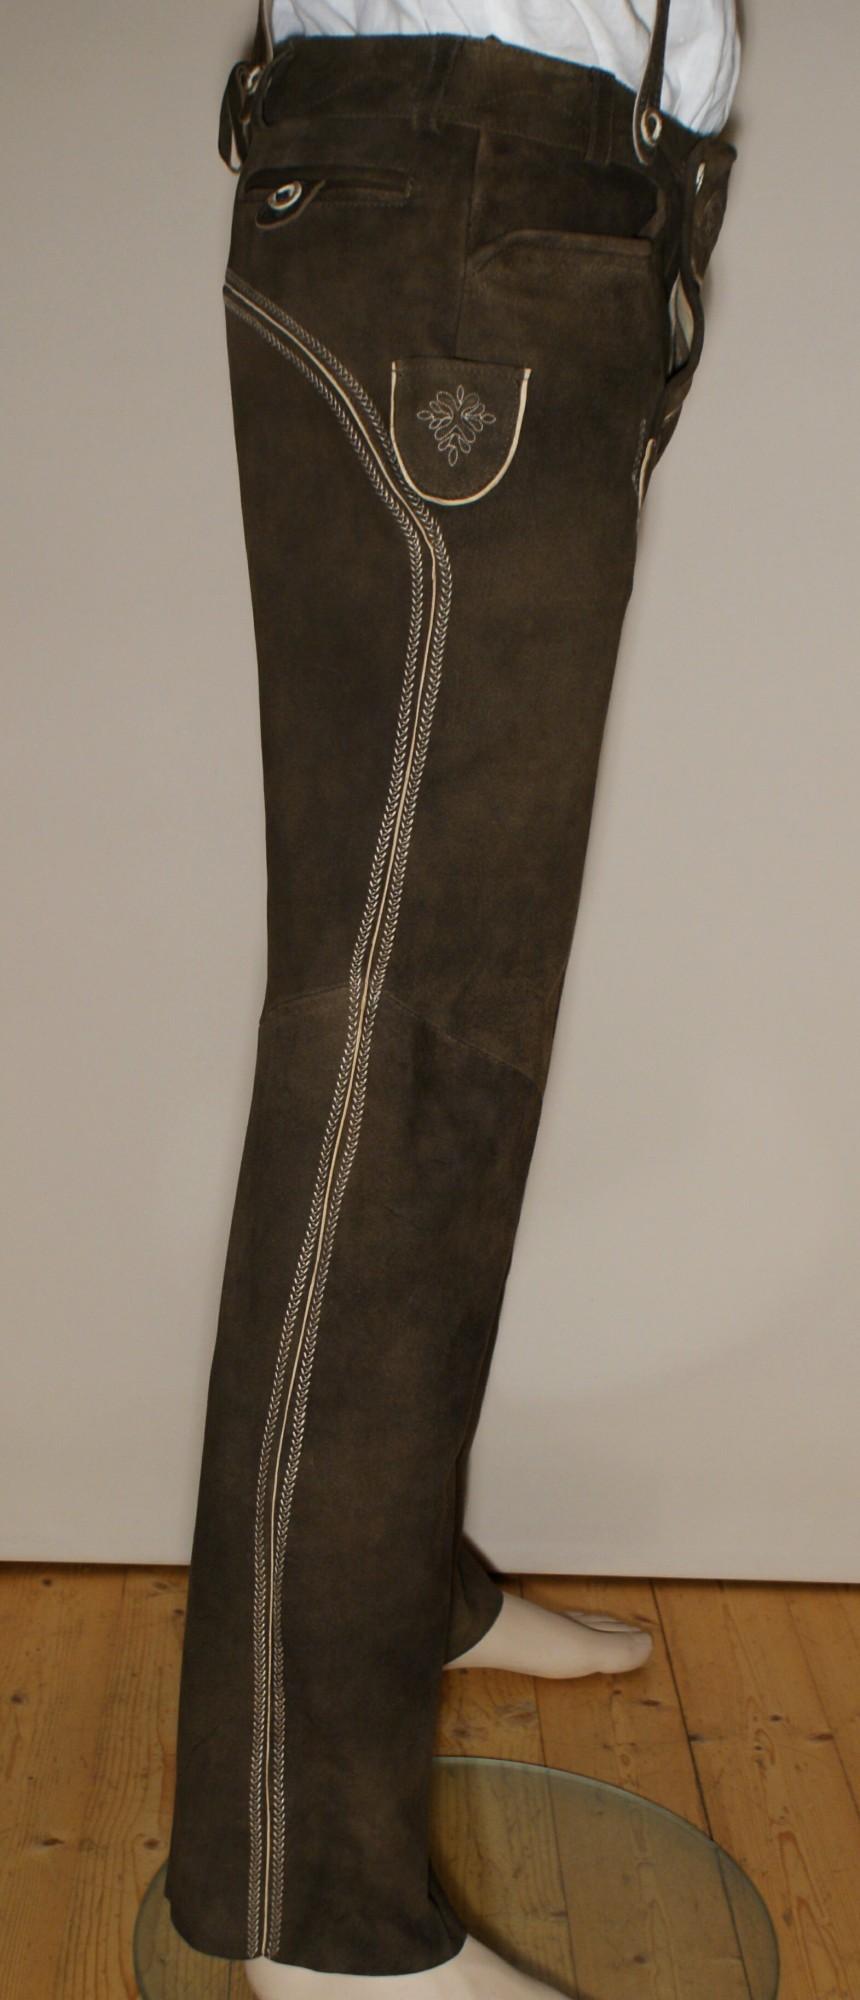 trachten lederhose trachtenlederhose lang braun. Black Bedroom Furniture Sets. Home Design Ideas